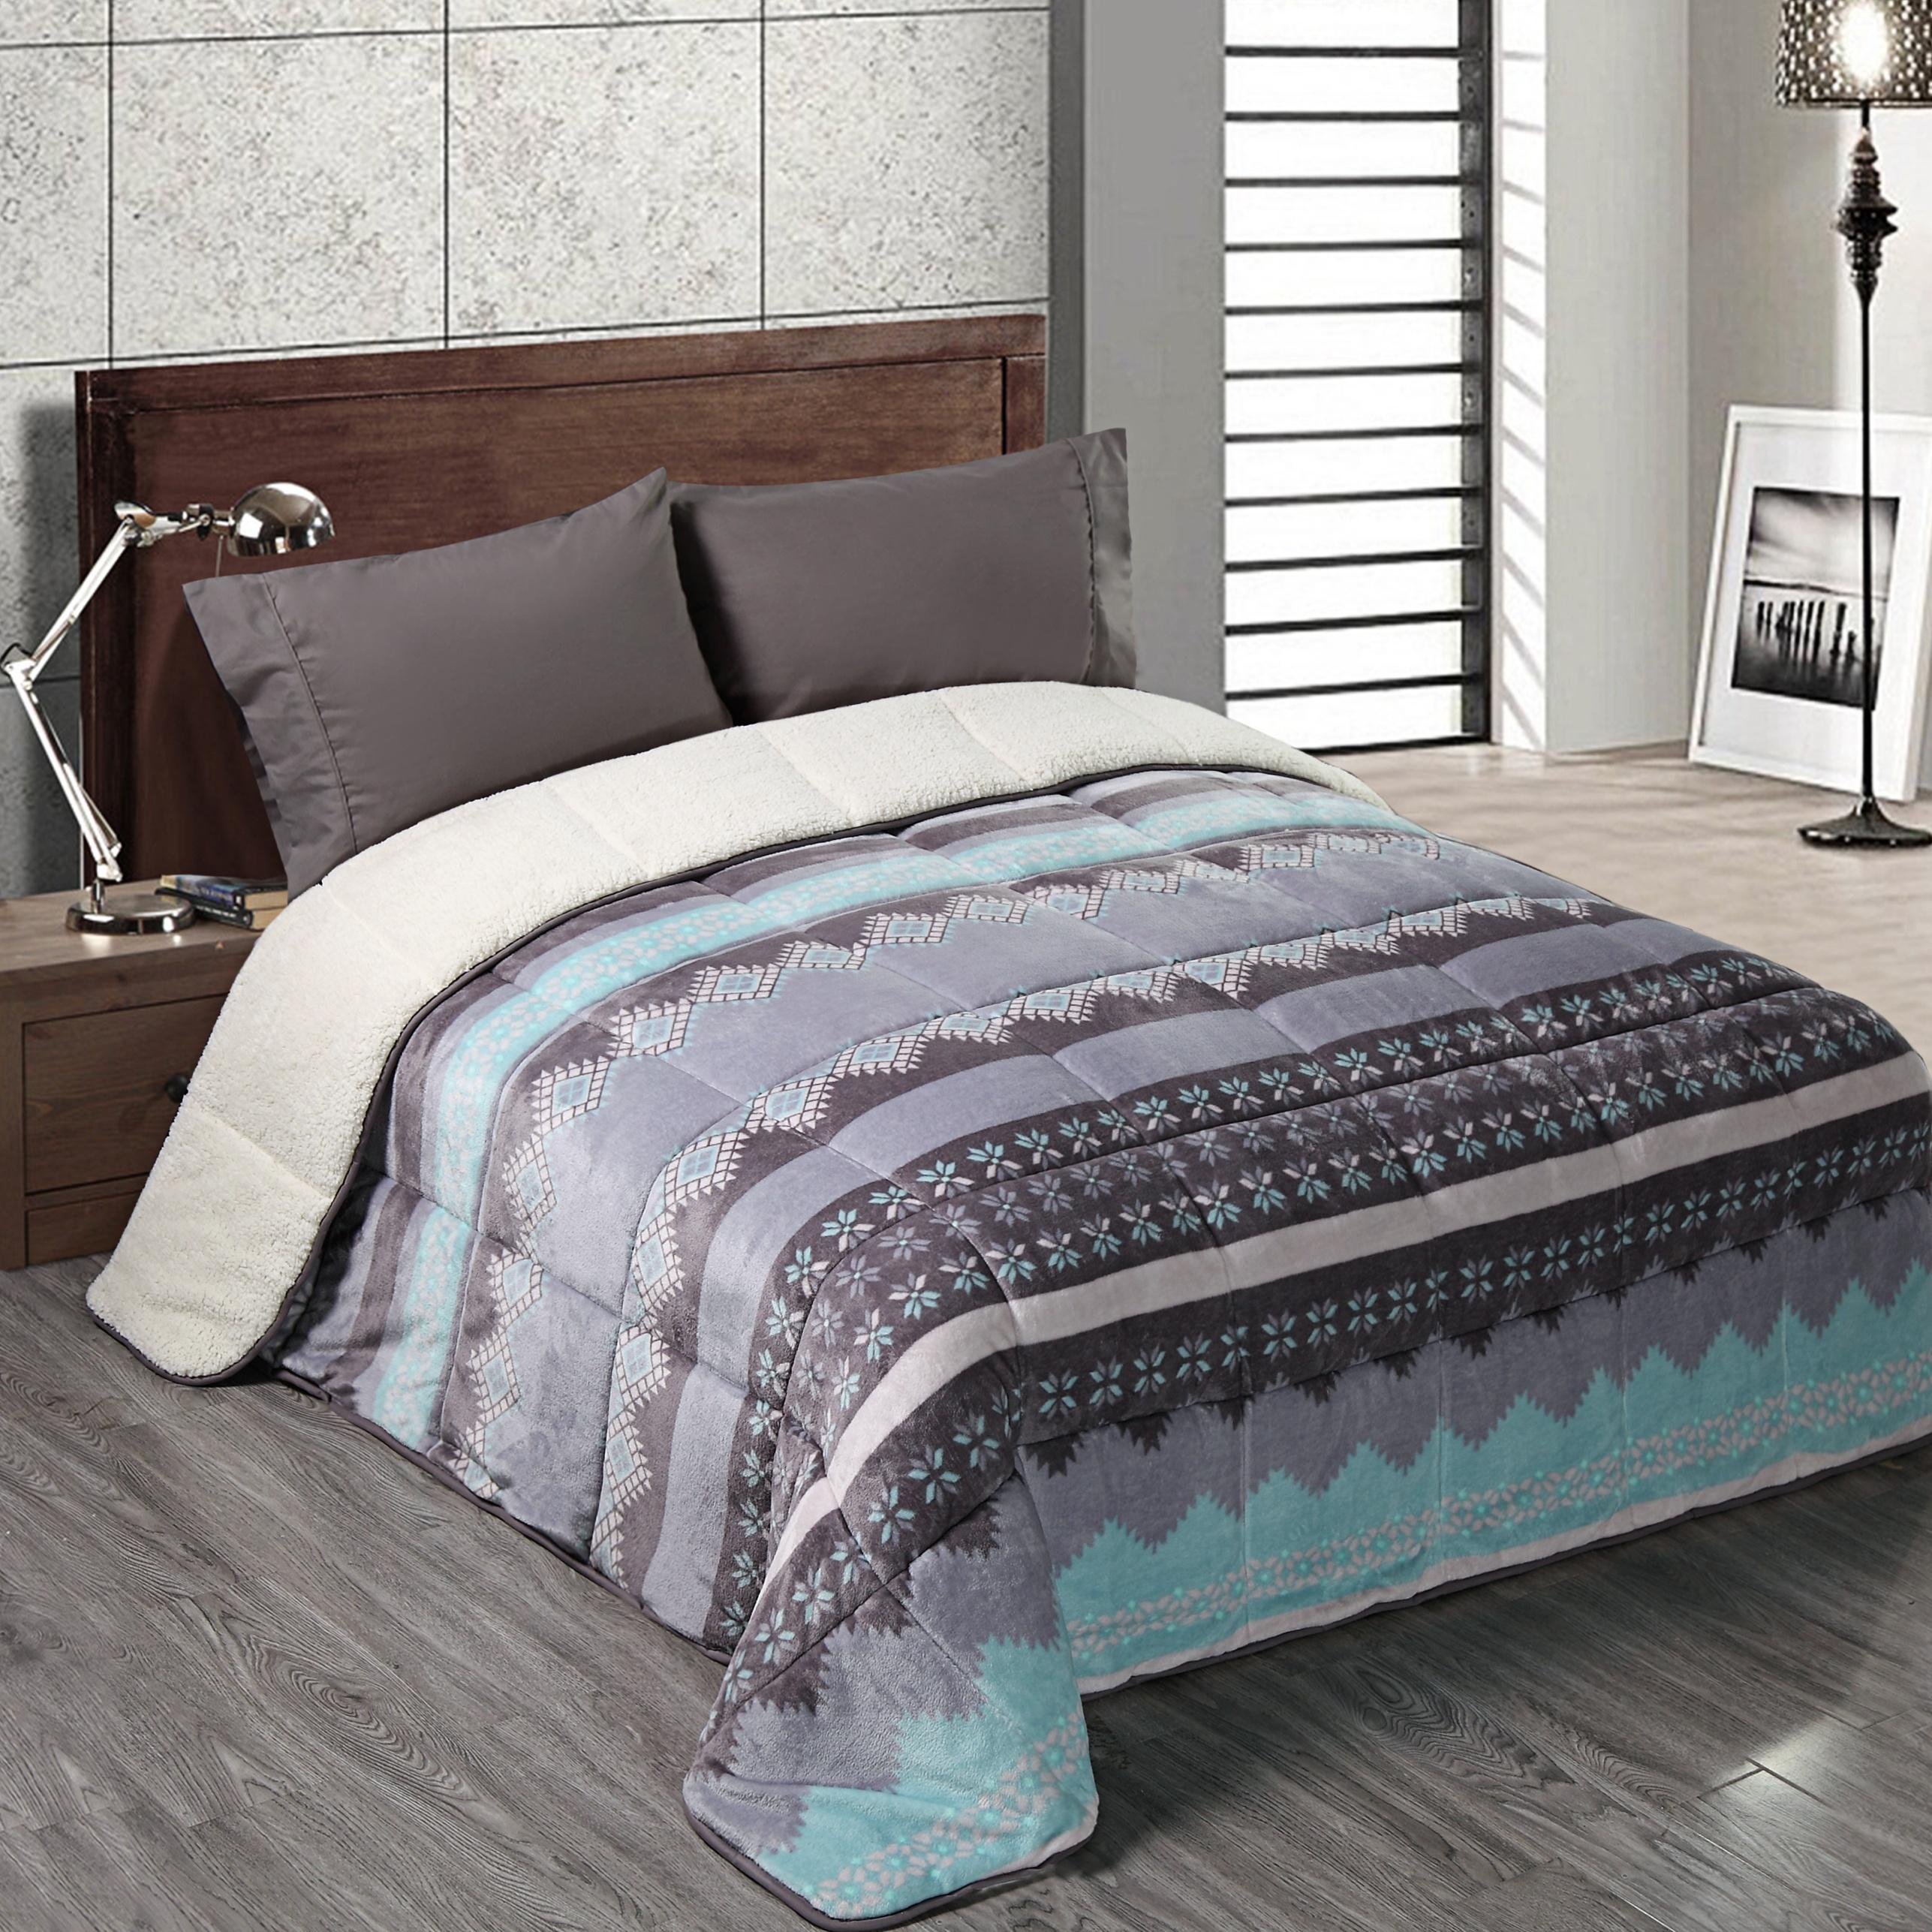 Комфортное Фланелевое теплое одеяло Sherpa с принтом для отеля на зиму